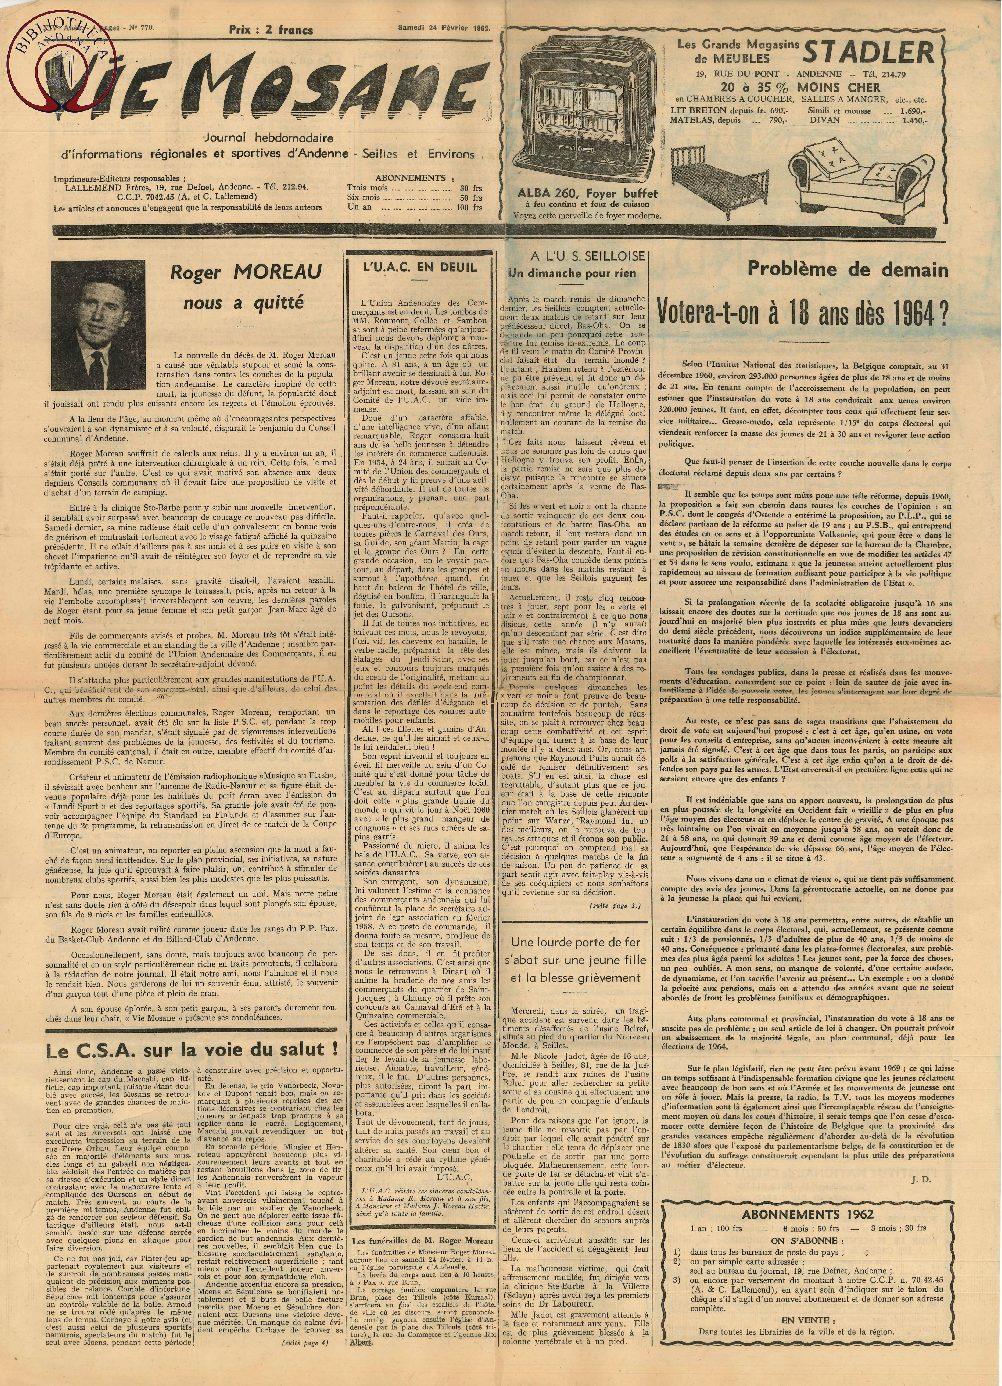 17e année - n°770 - 24 février 1962